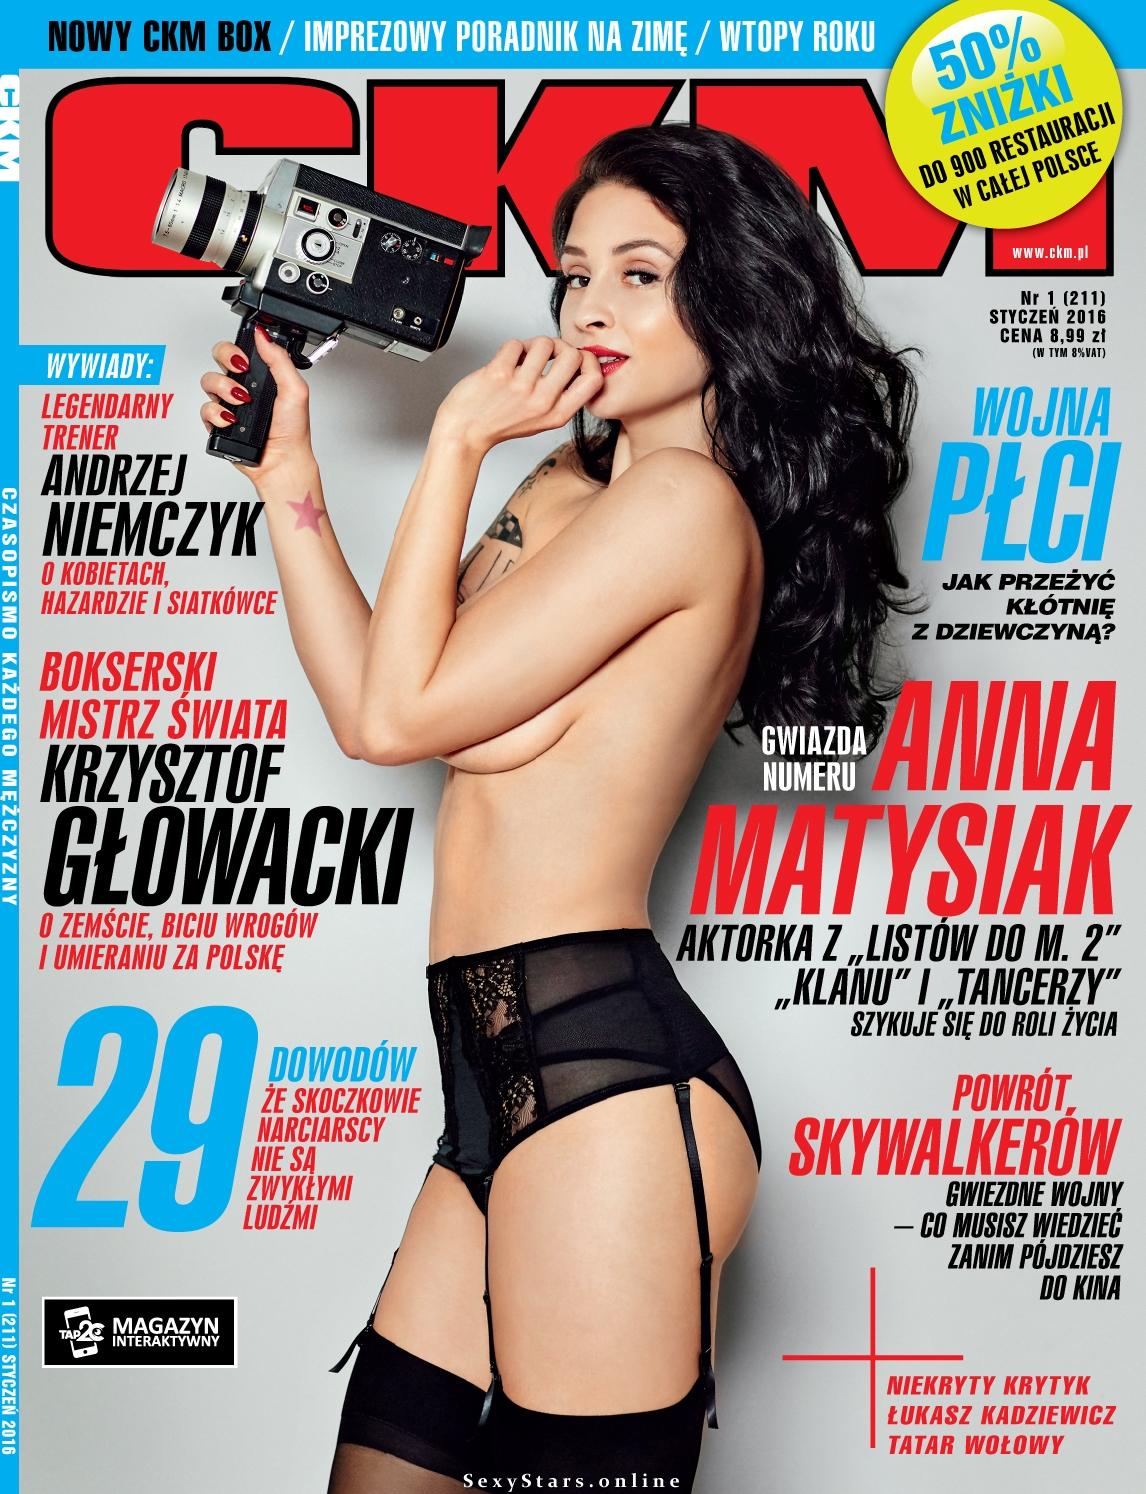 Анна Матысяк голая. Фото - 2